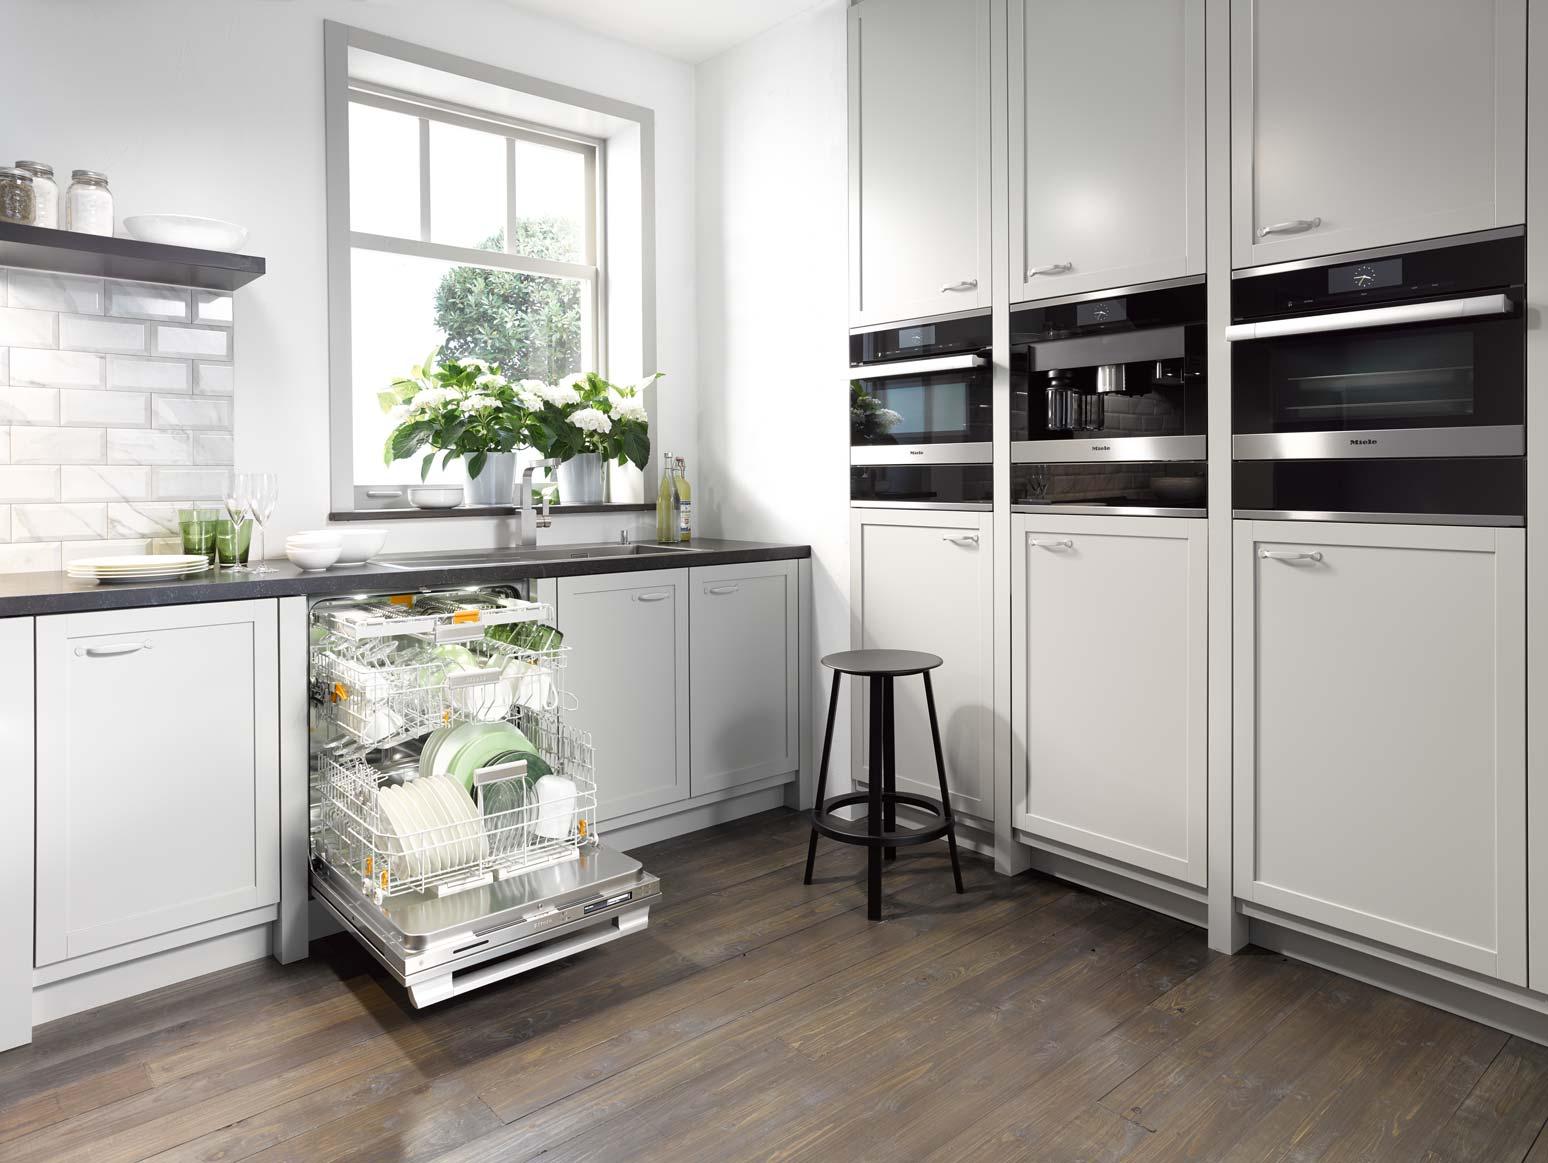 miele-dishwashers-vs-kitchenaid